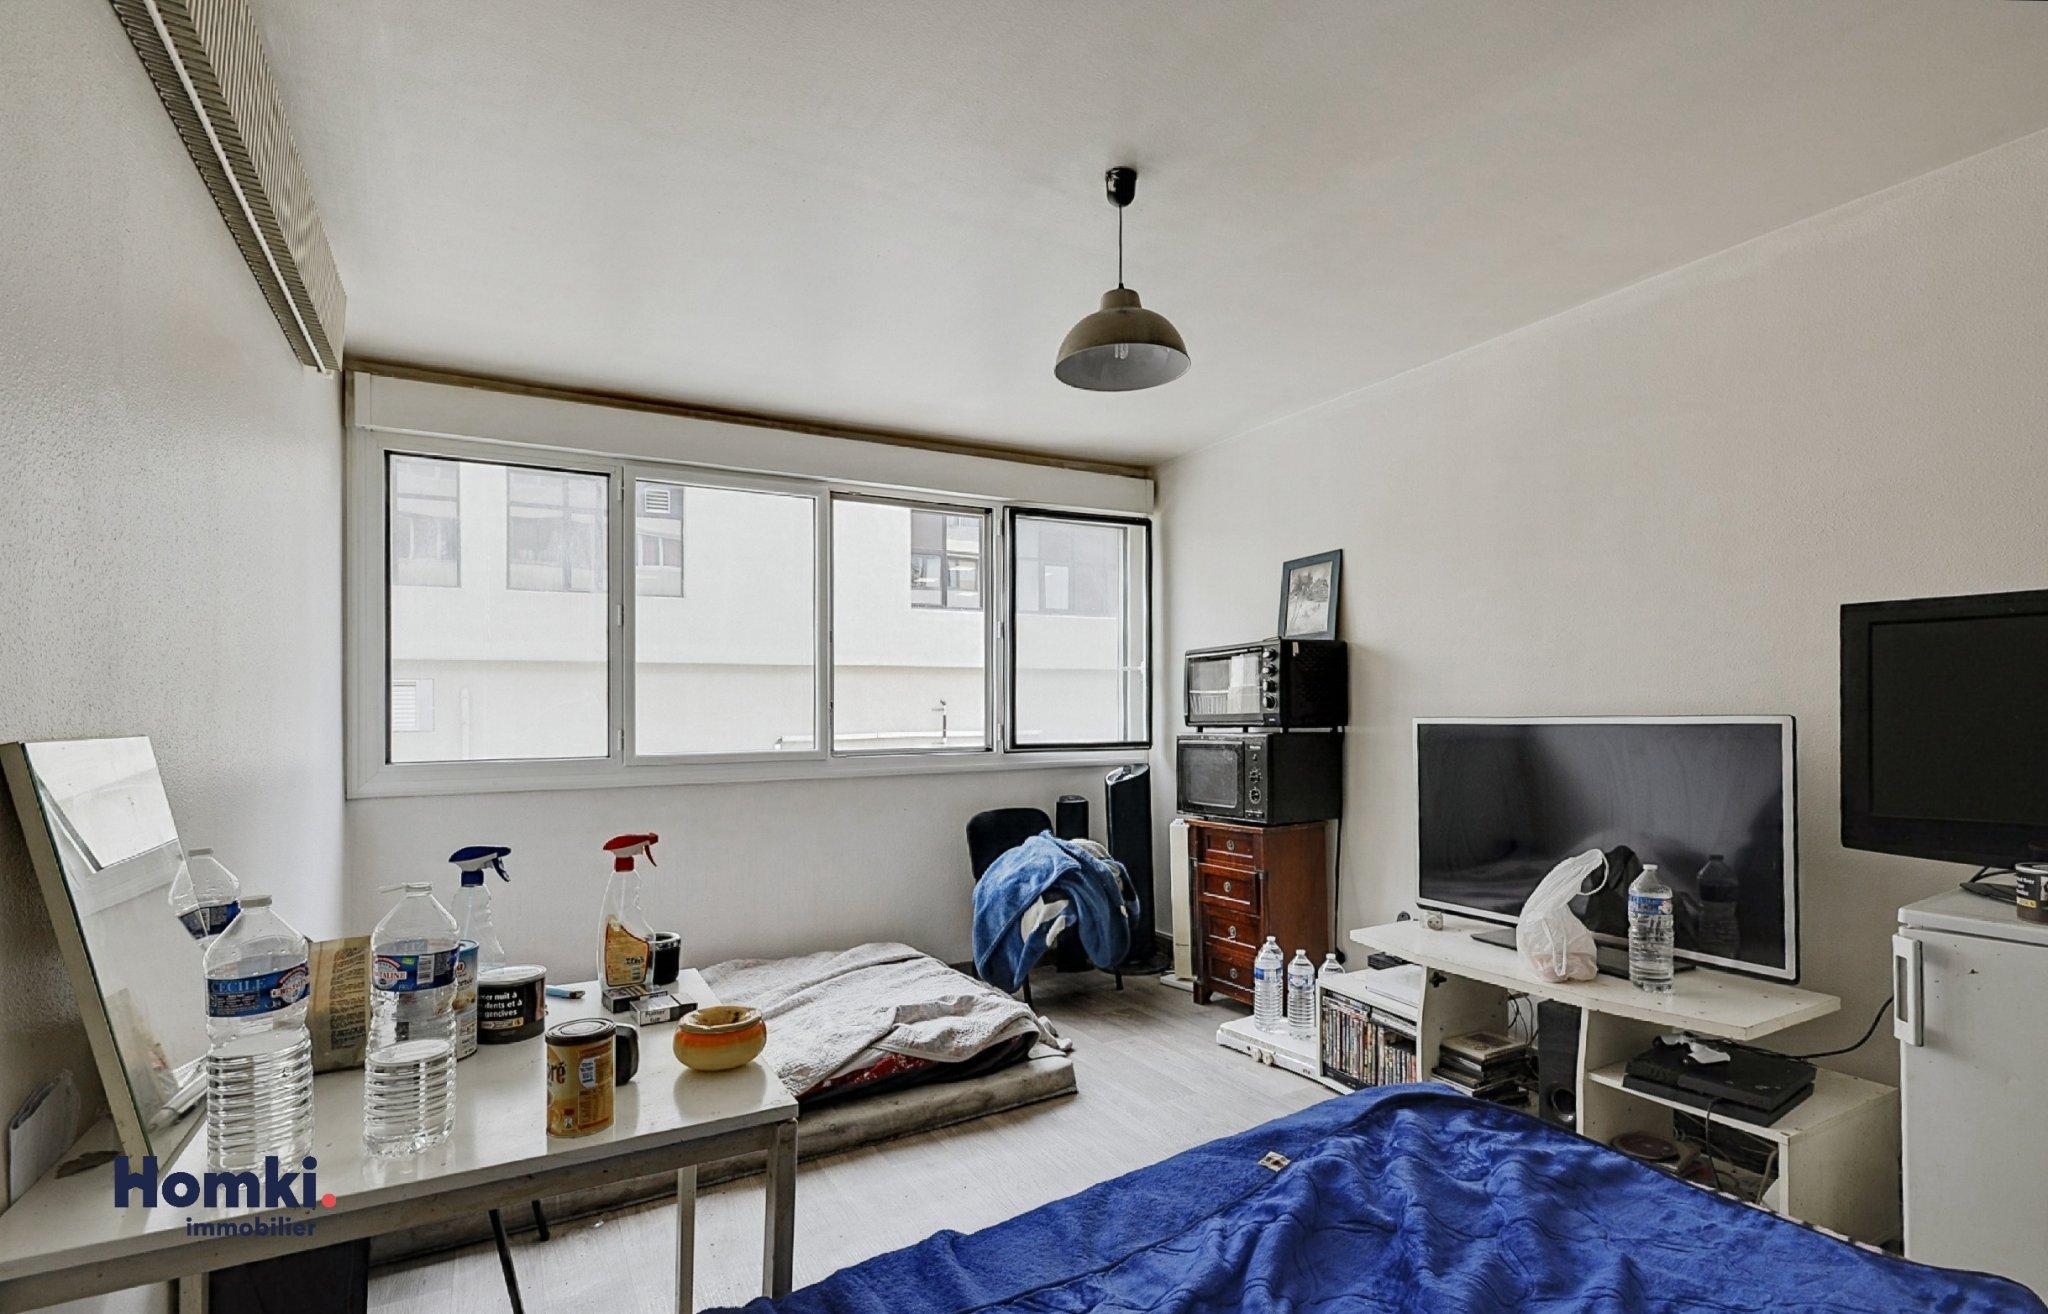 Homki - Vente appartement  de 23.7 m² à Aix-en-Provence 13090